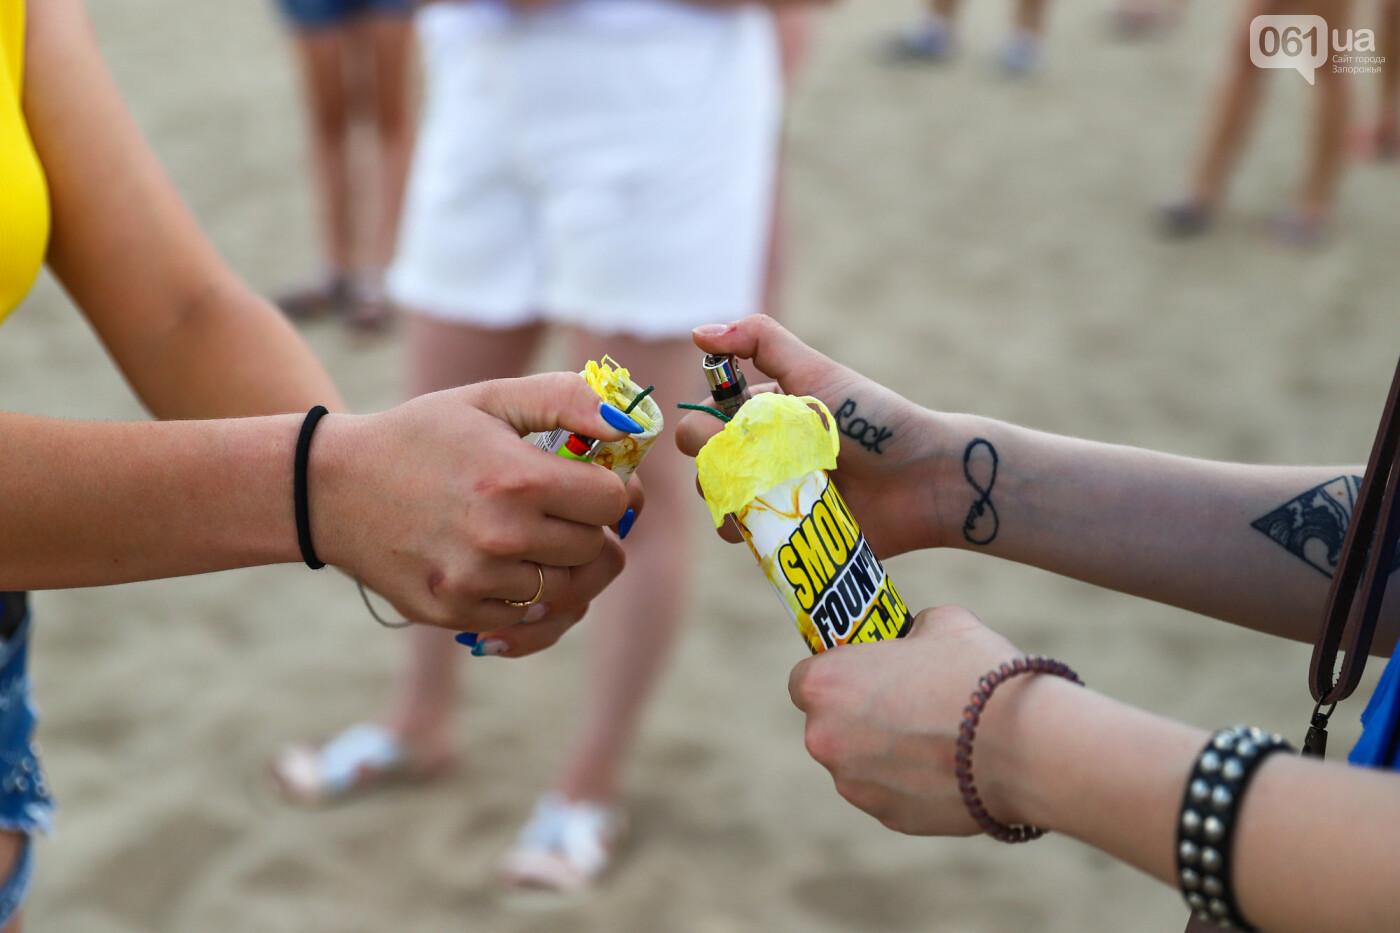 На пляже в Запорожье зажгли желто-синие дымовые шашки и установили рекорд Украины, - ФОТОРЕПОРТАЖ, фото-16